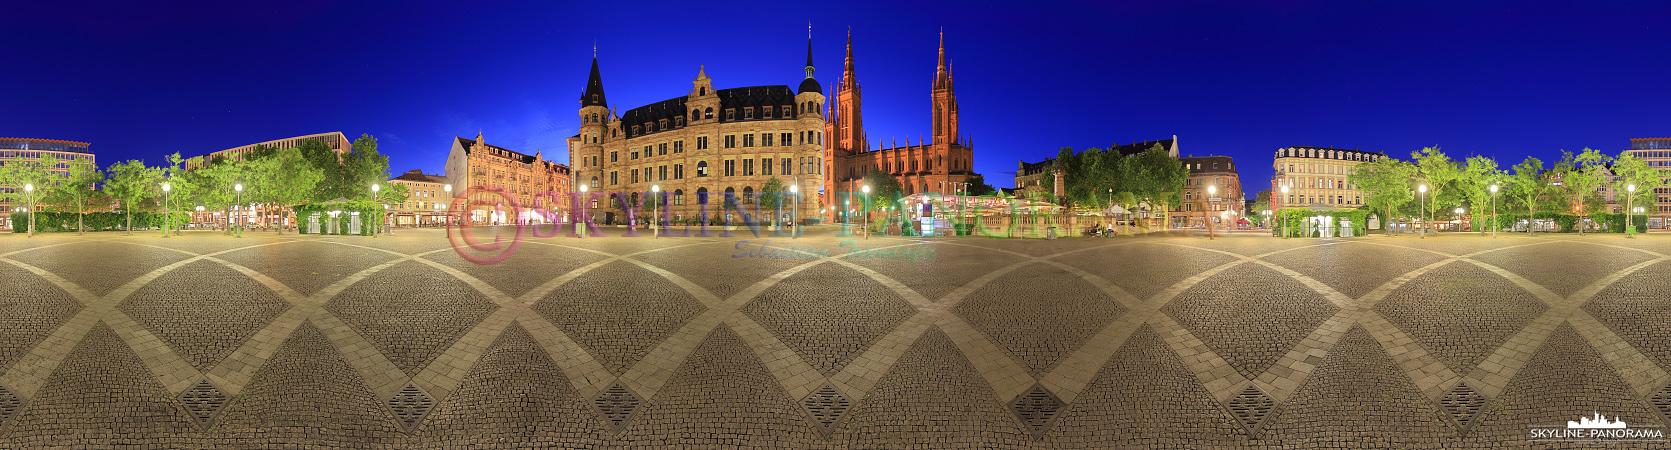 Bilder aus Wiesbaden - Eine 360 Grad Ansicht aus der Mitte des Wiesbadener Marktplatzes.